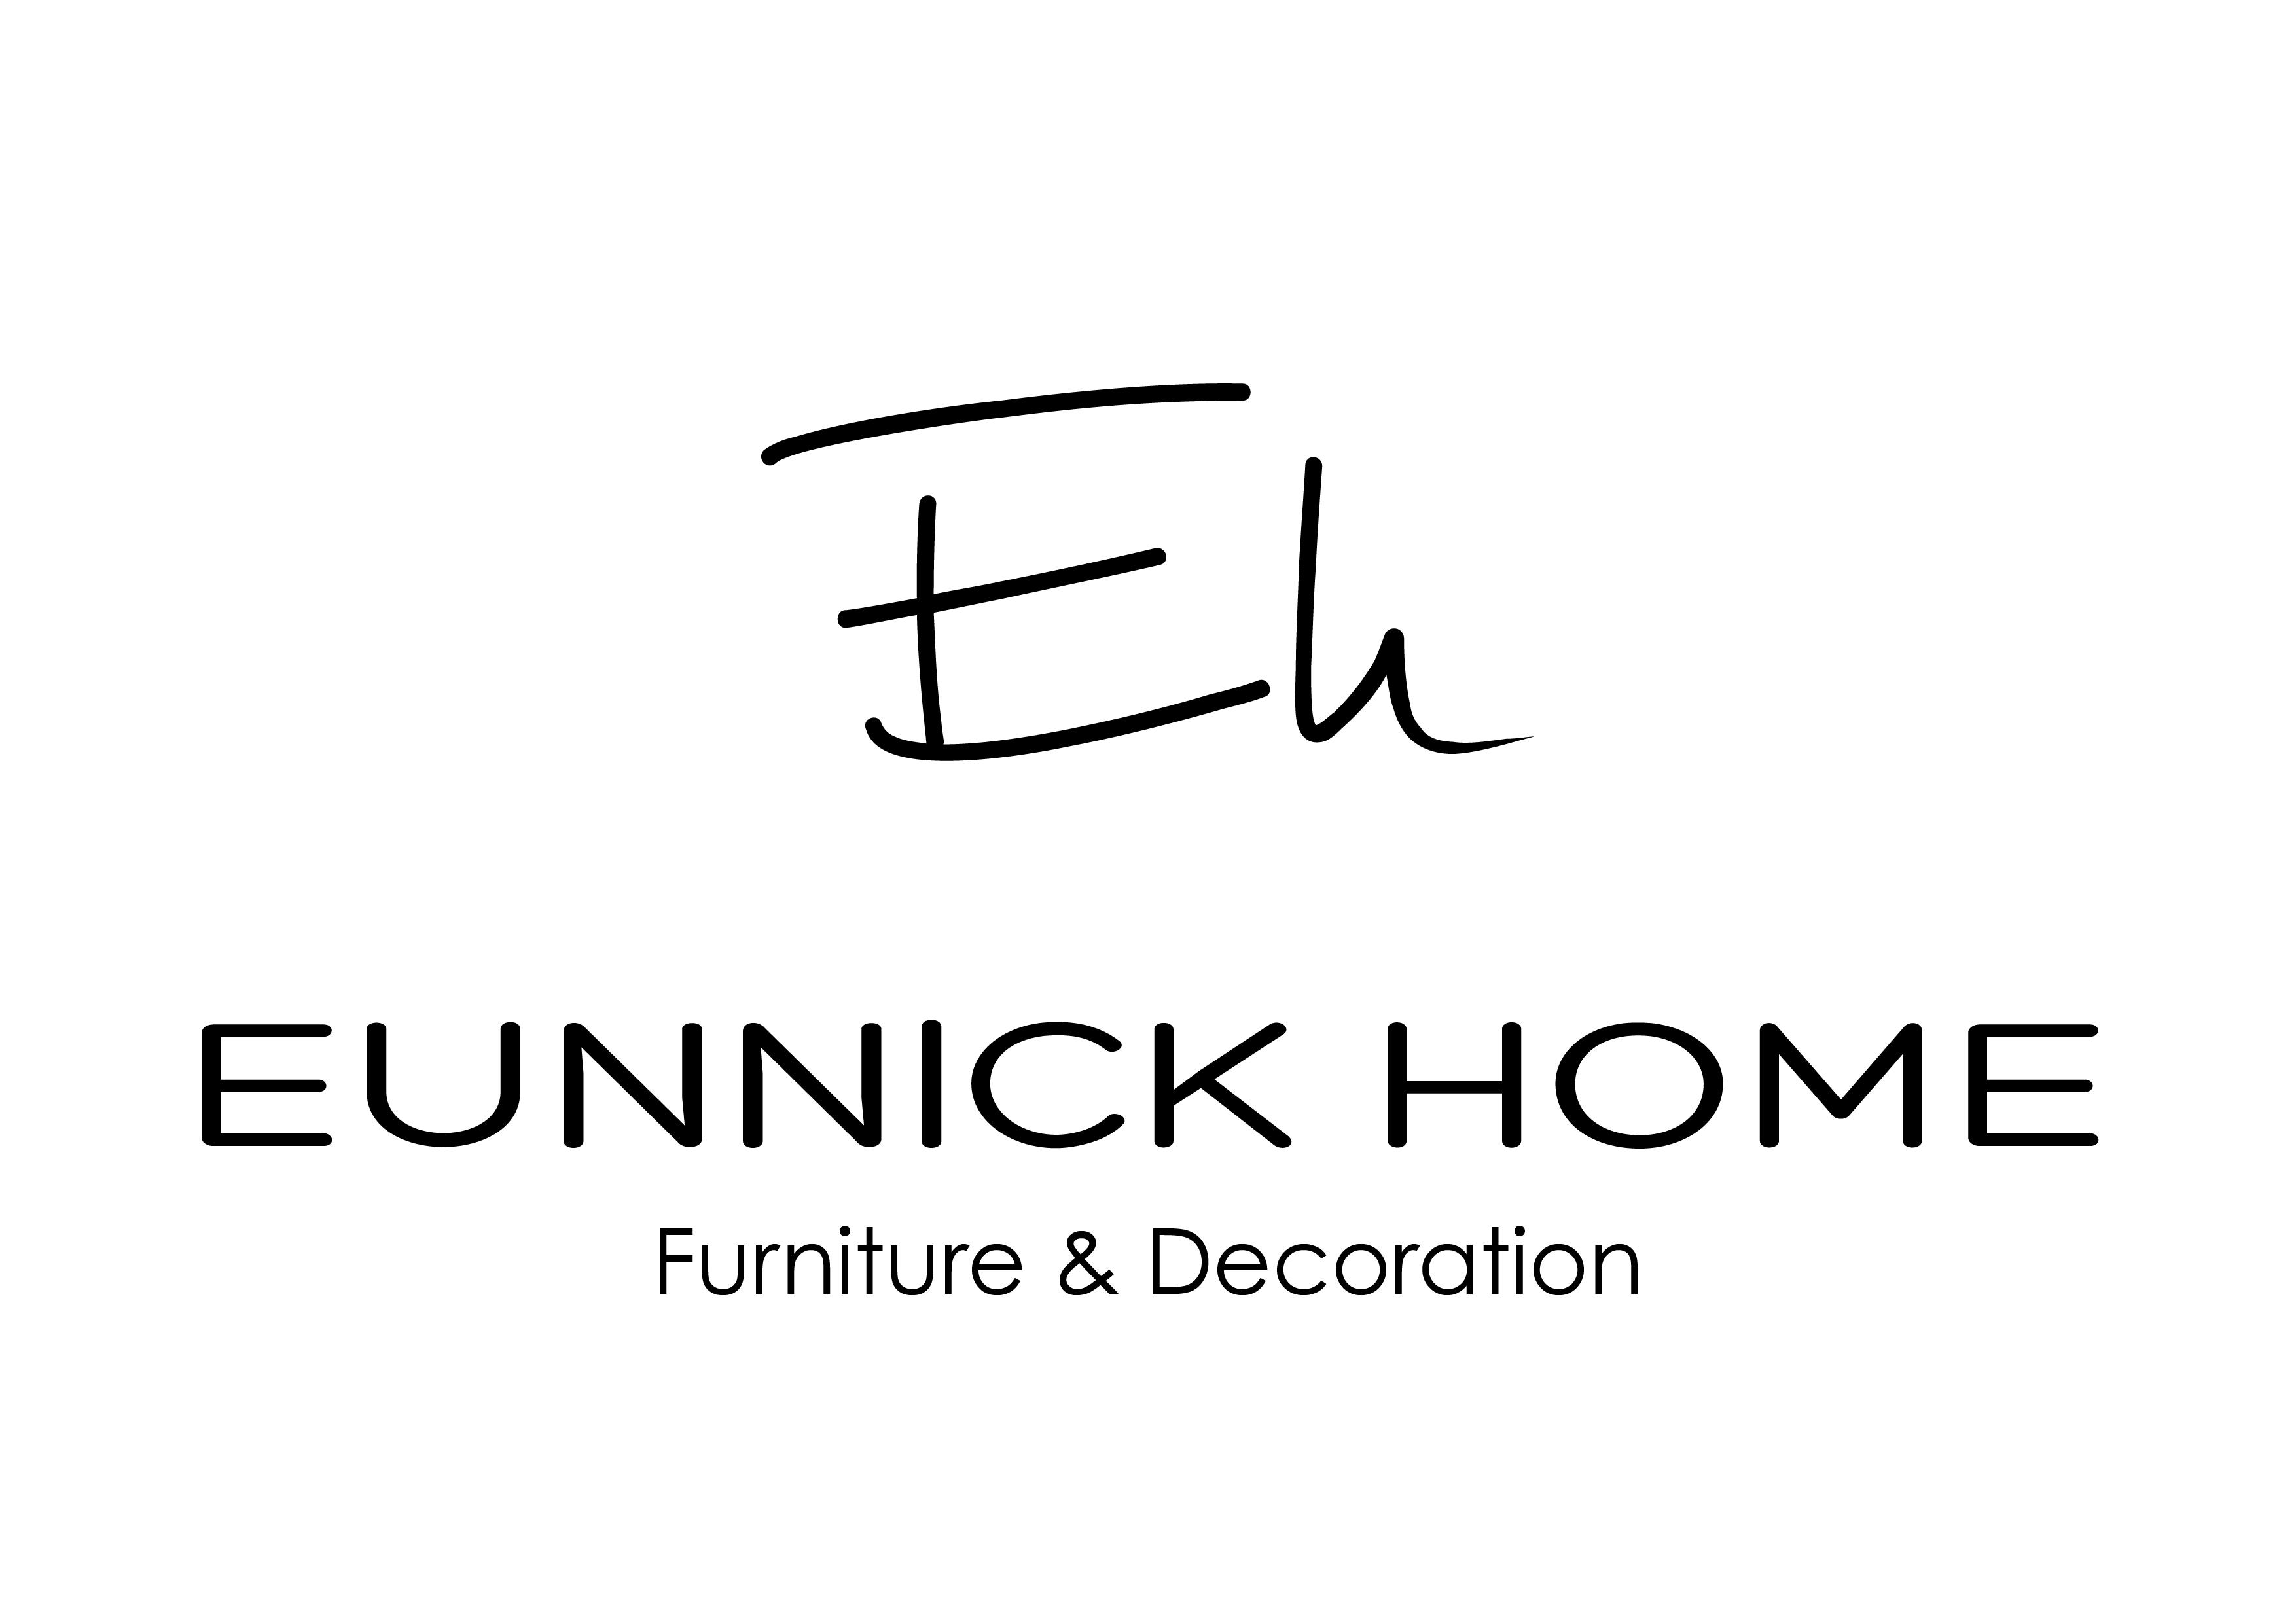 Eunnick Home